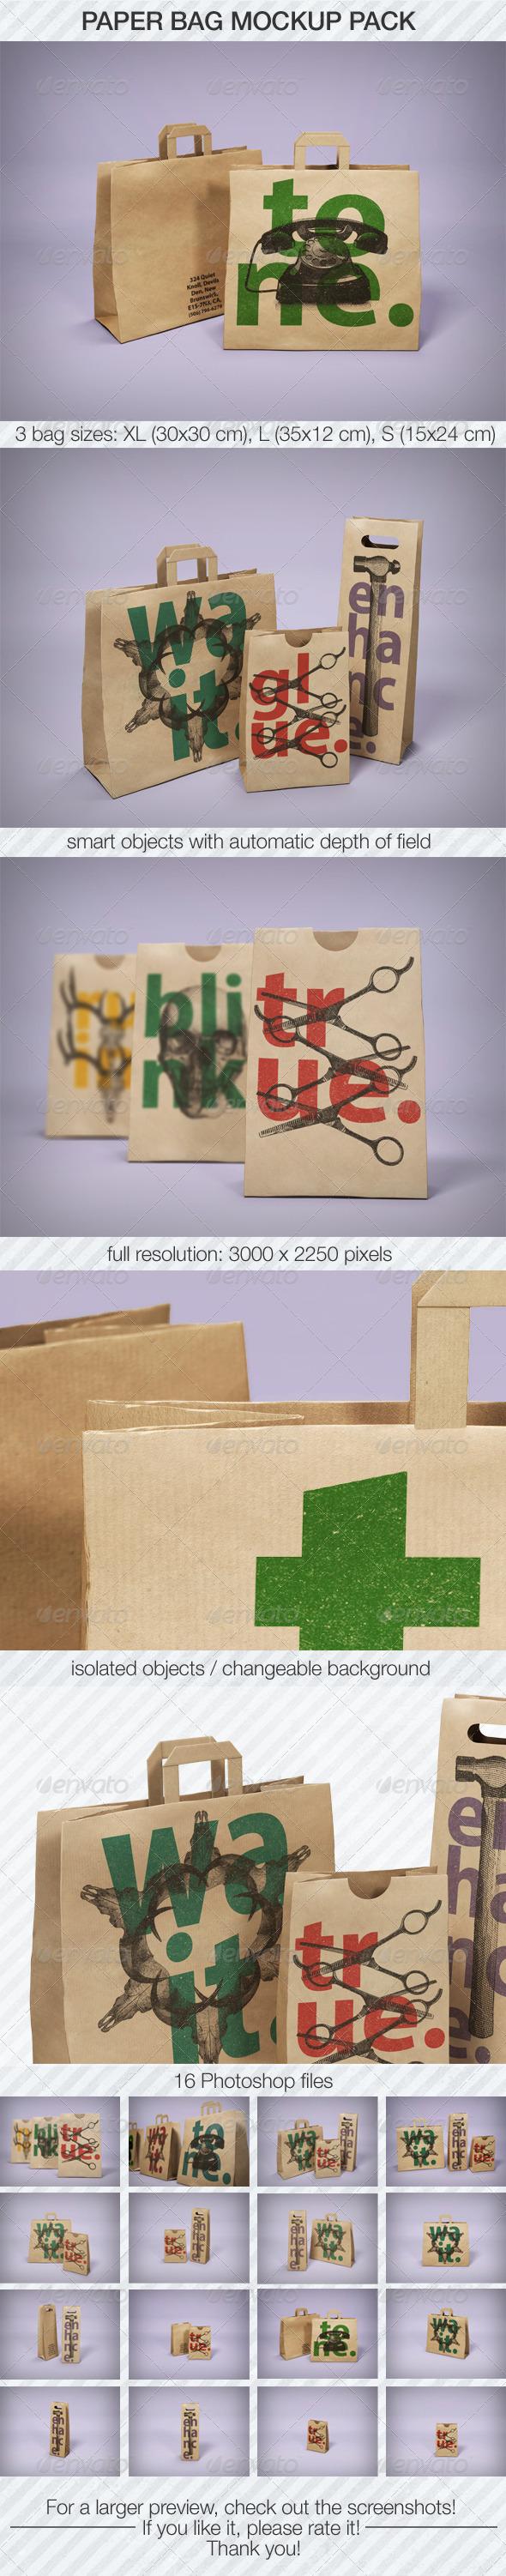 GraphicRiver Paper Bag Mockup Pack 5252929